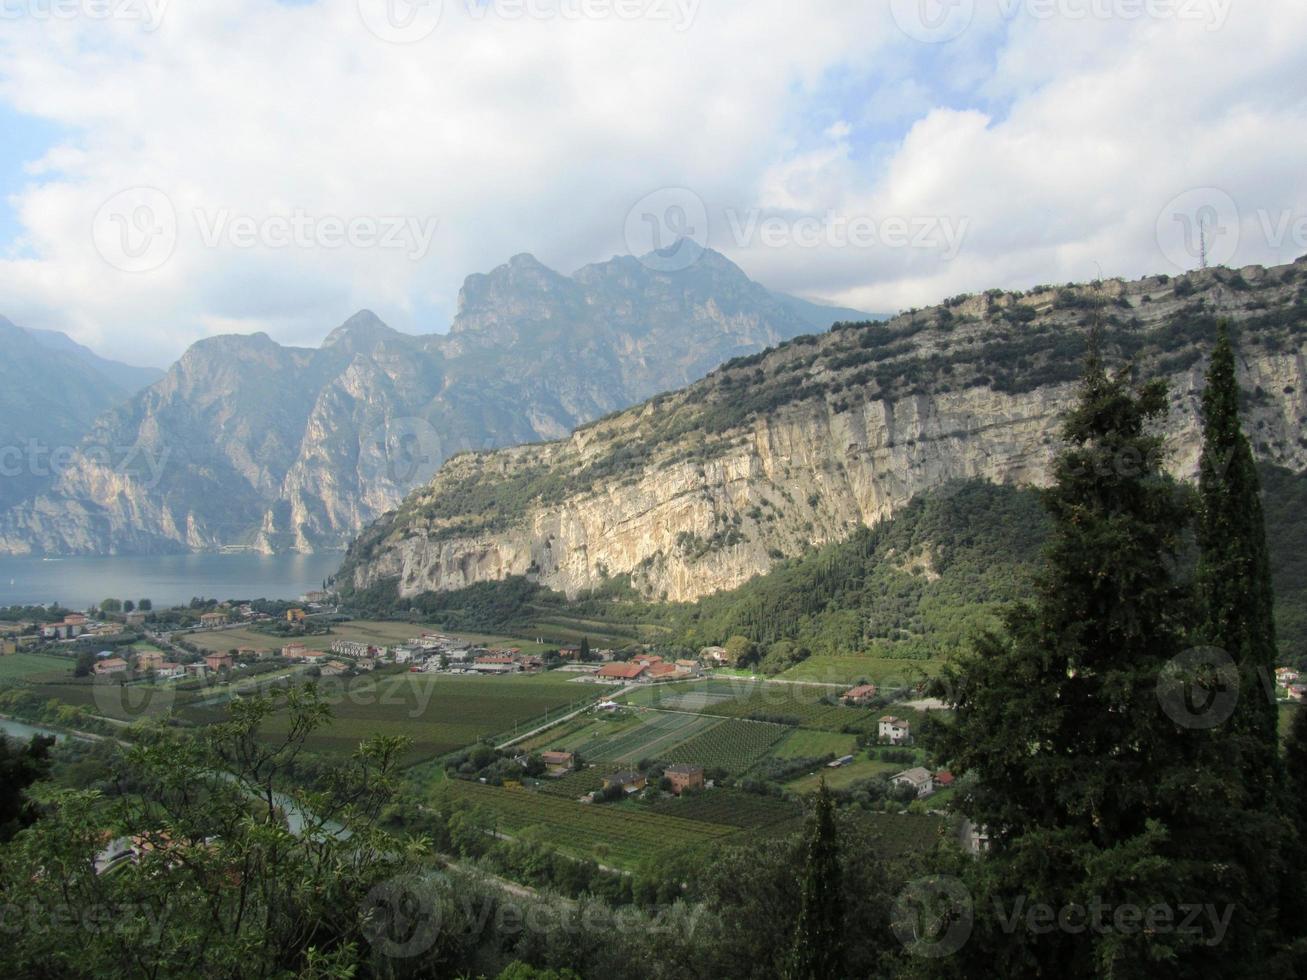 Torbole sul garda au nord du lac de garde vue depuis la montagne photo